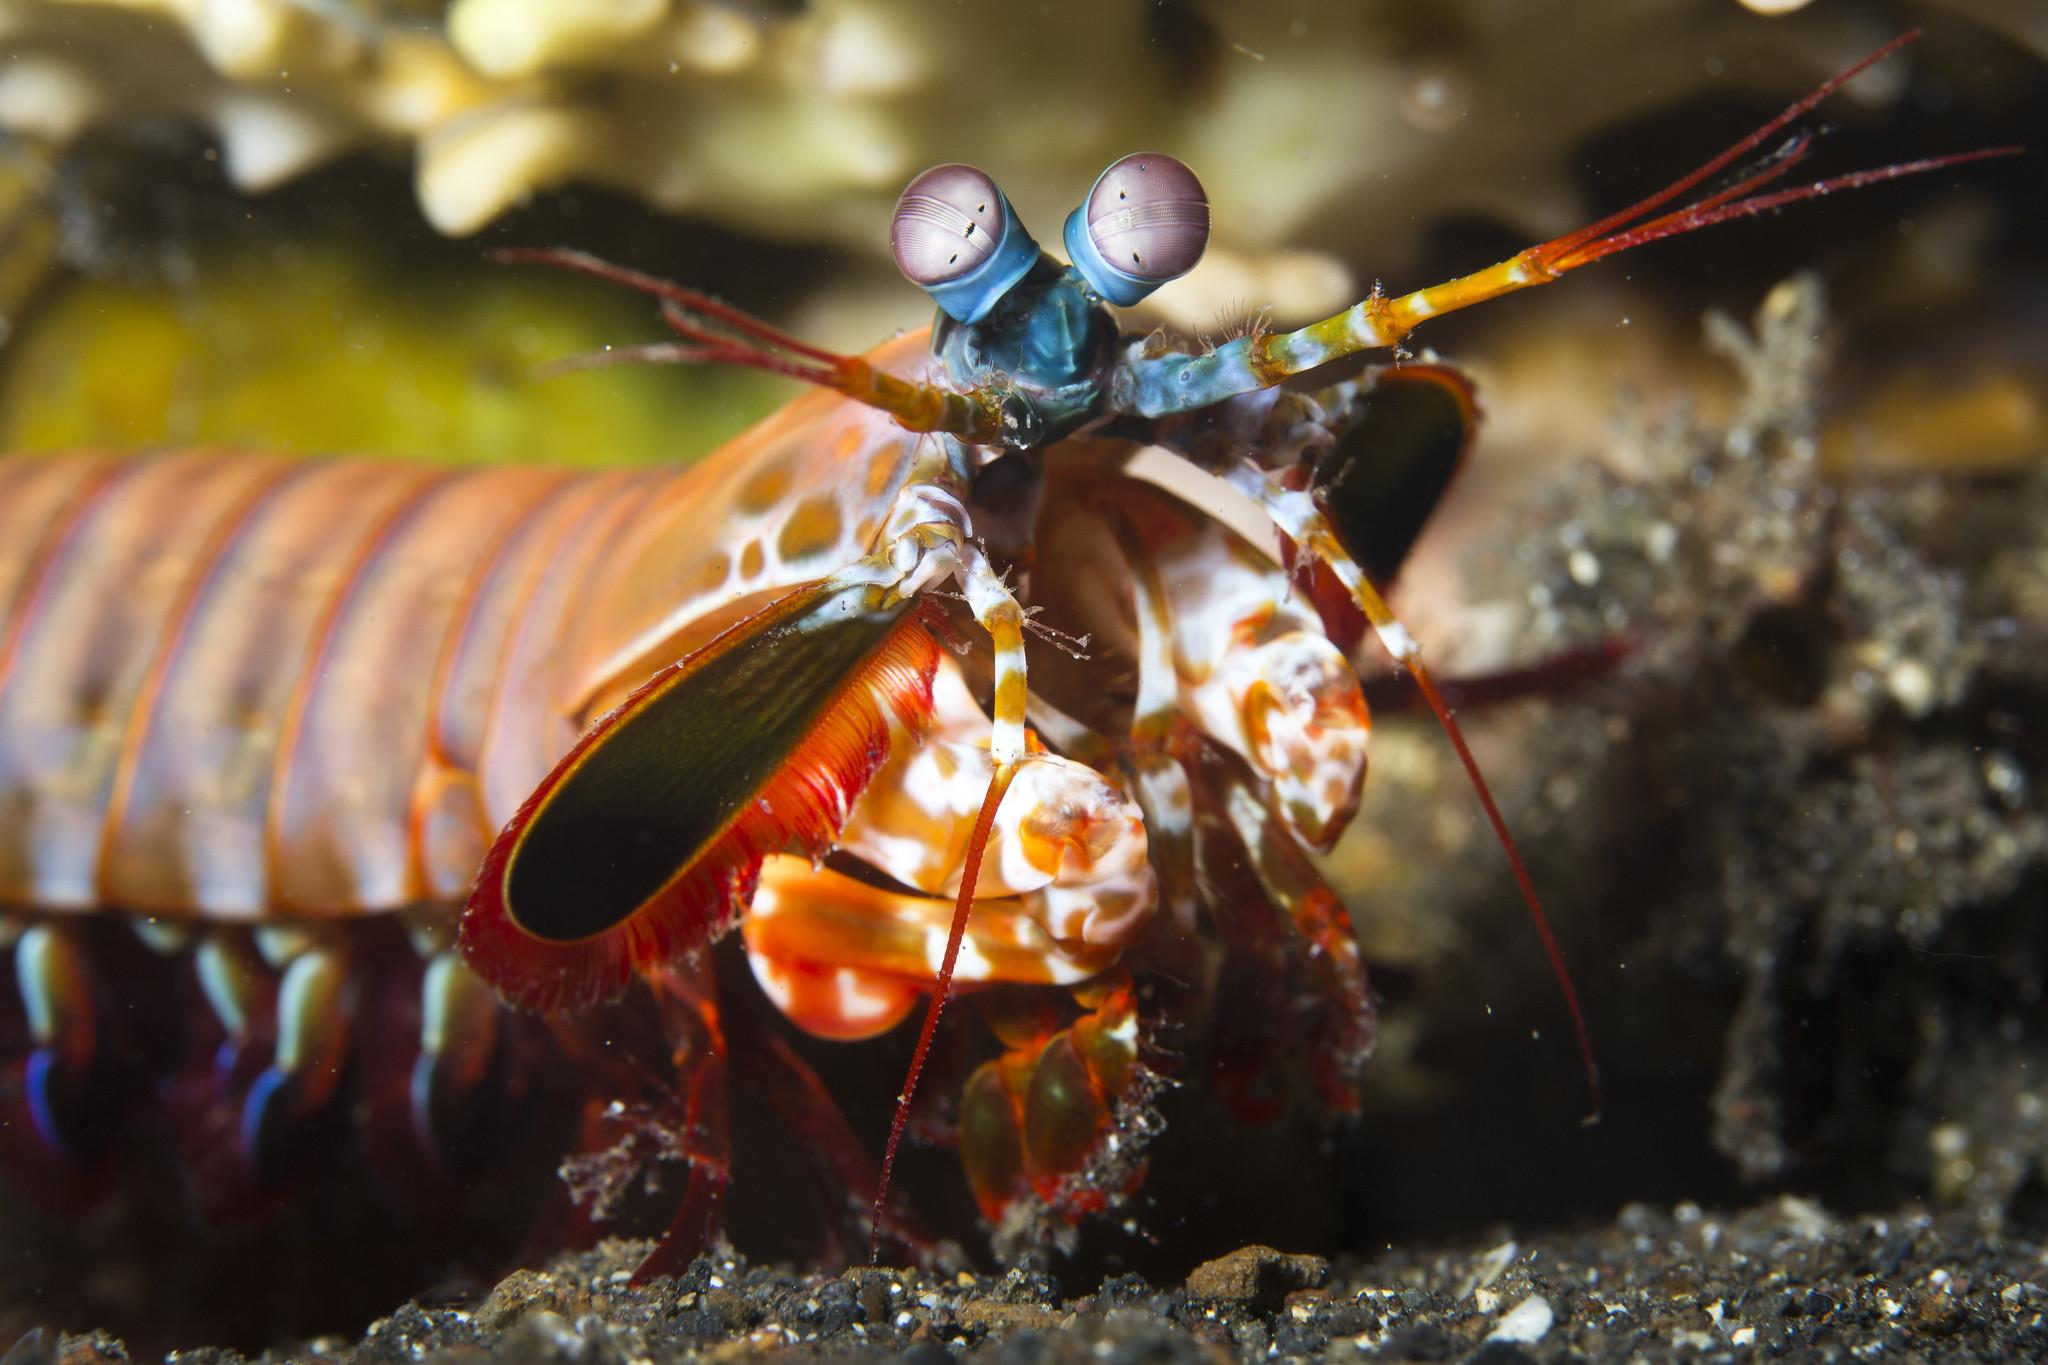 A Mantis Shrimp Close Up